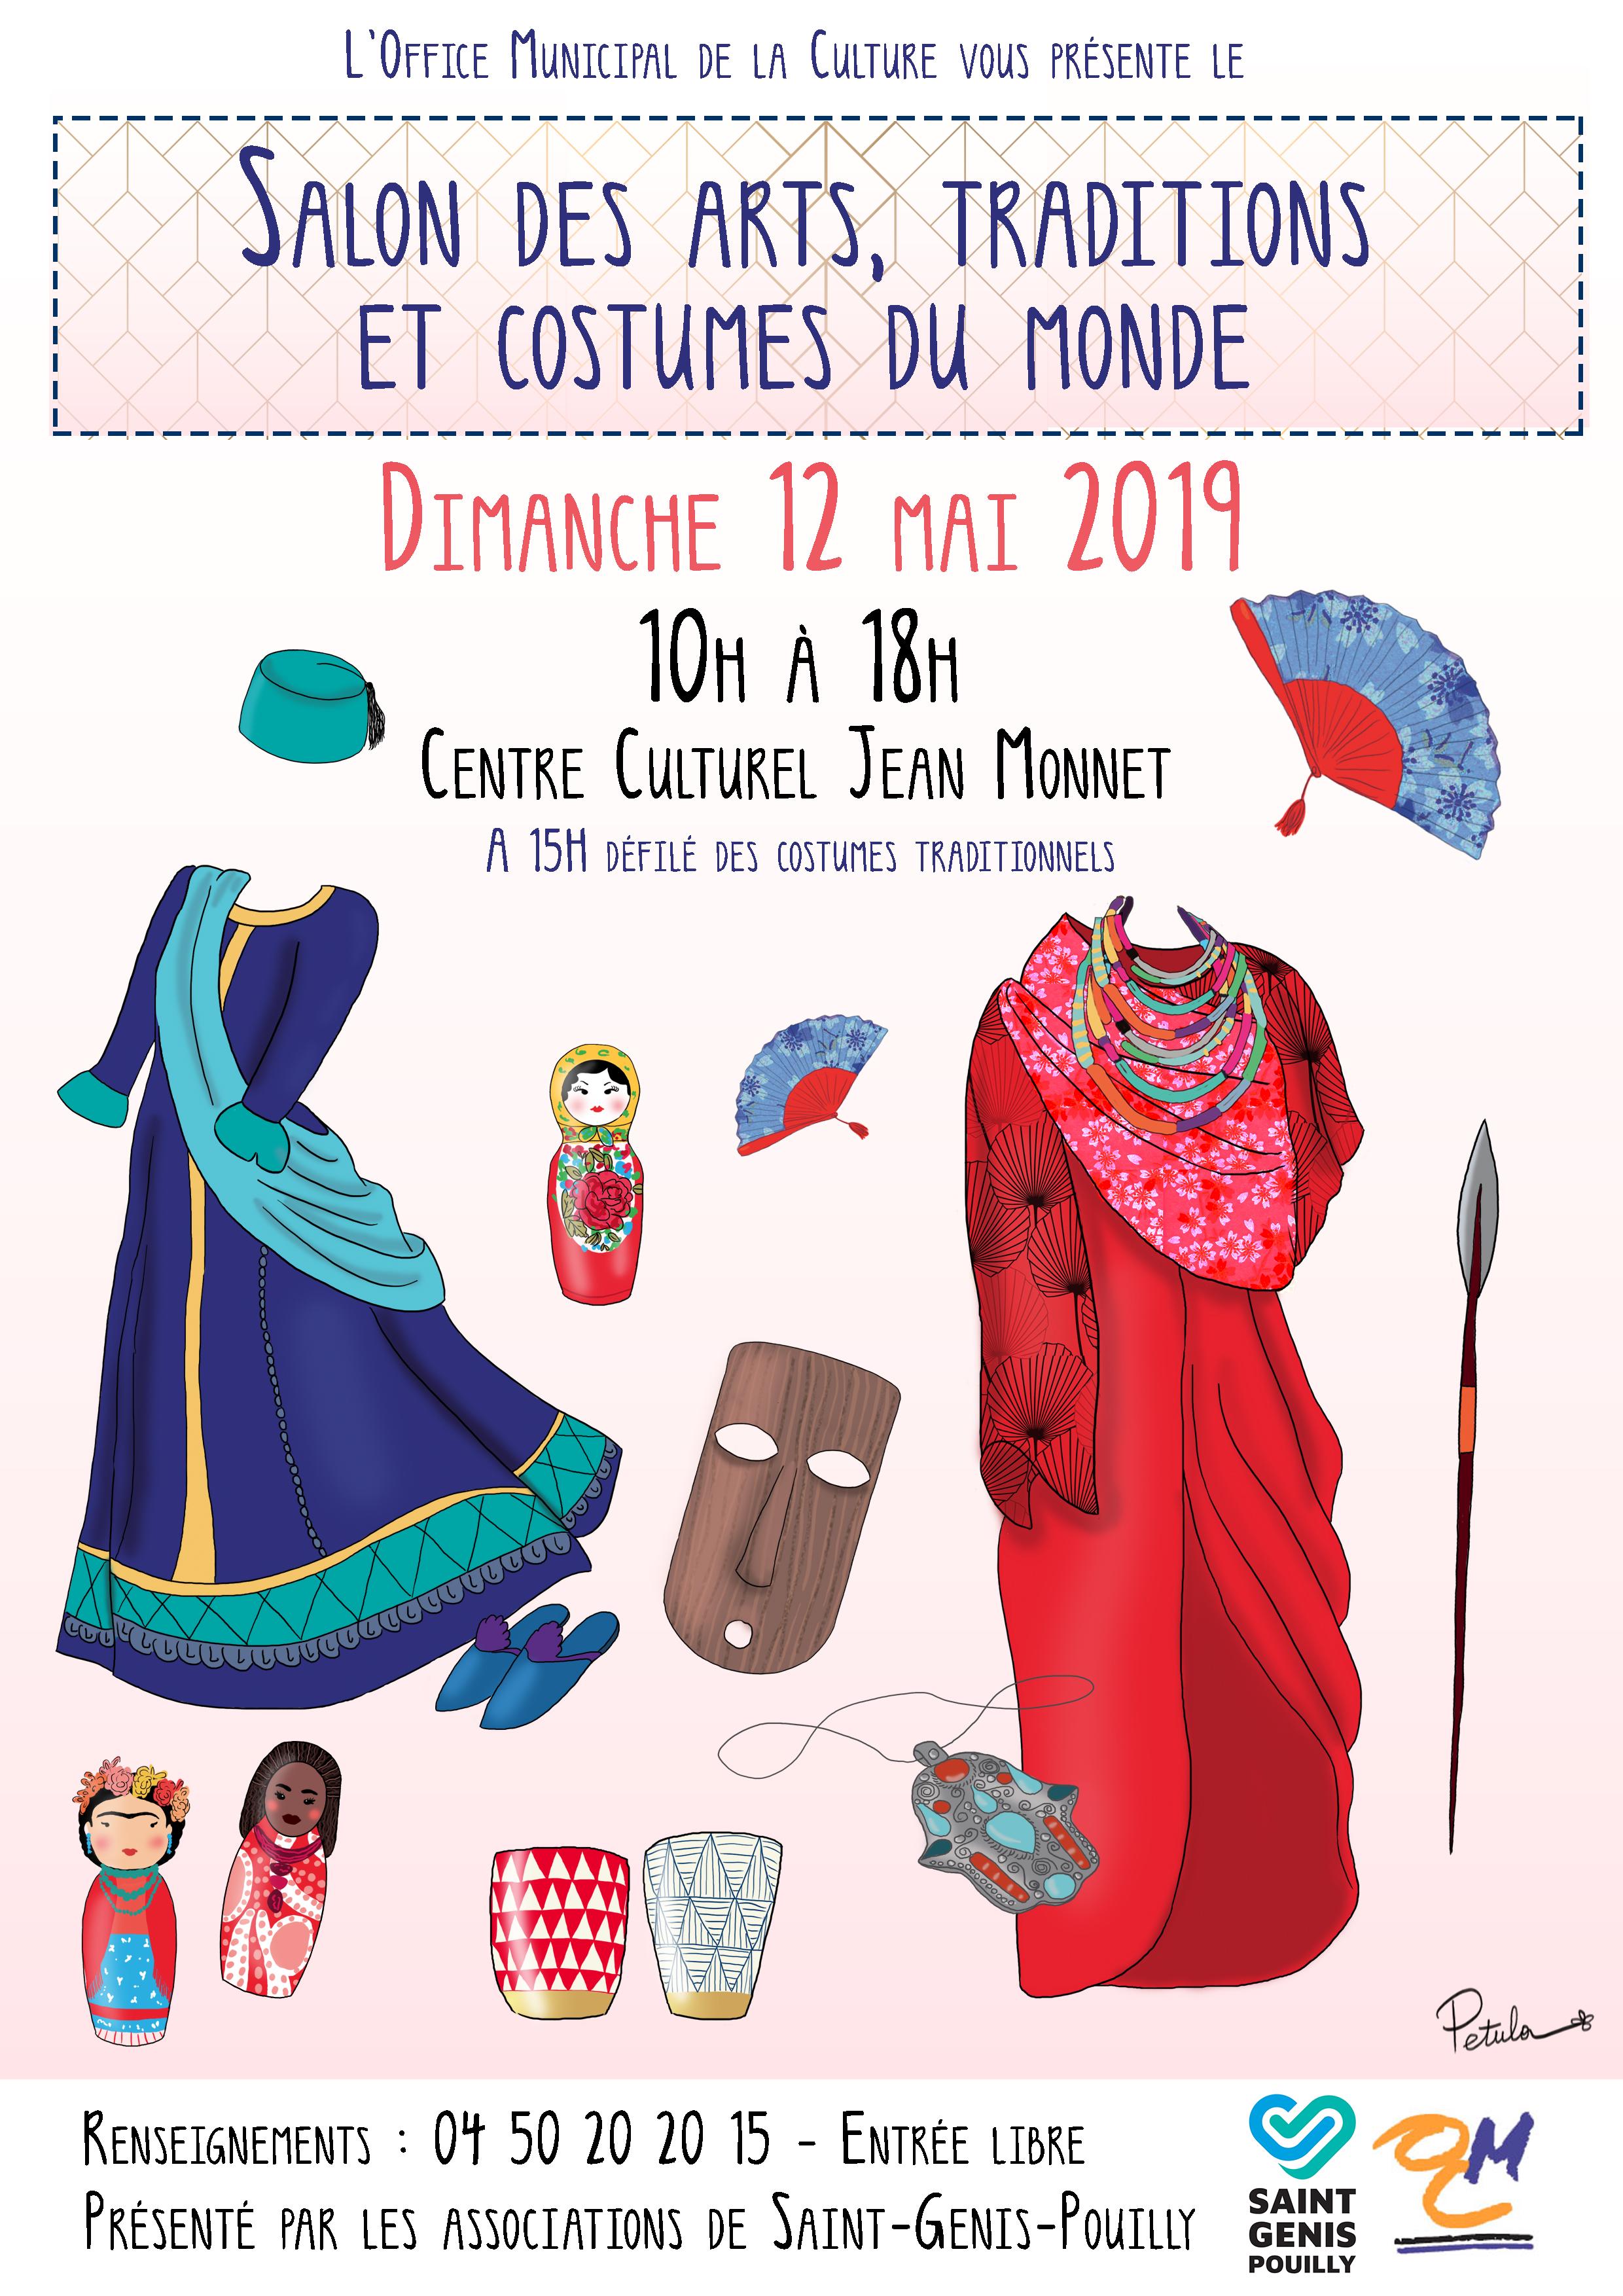 affiche_salon_des_arts_et_costumes_vf.jpg